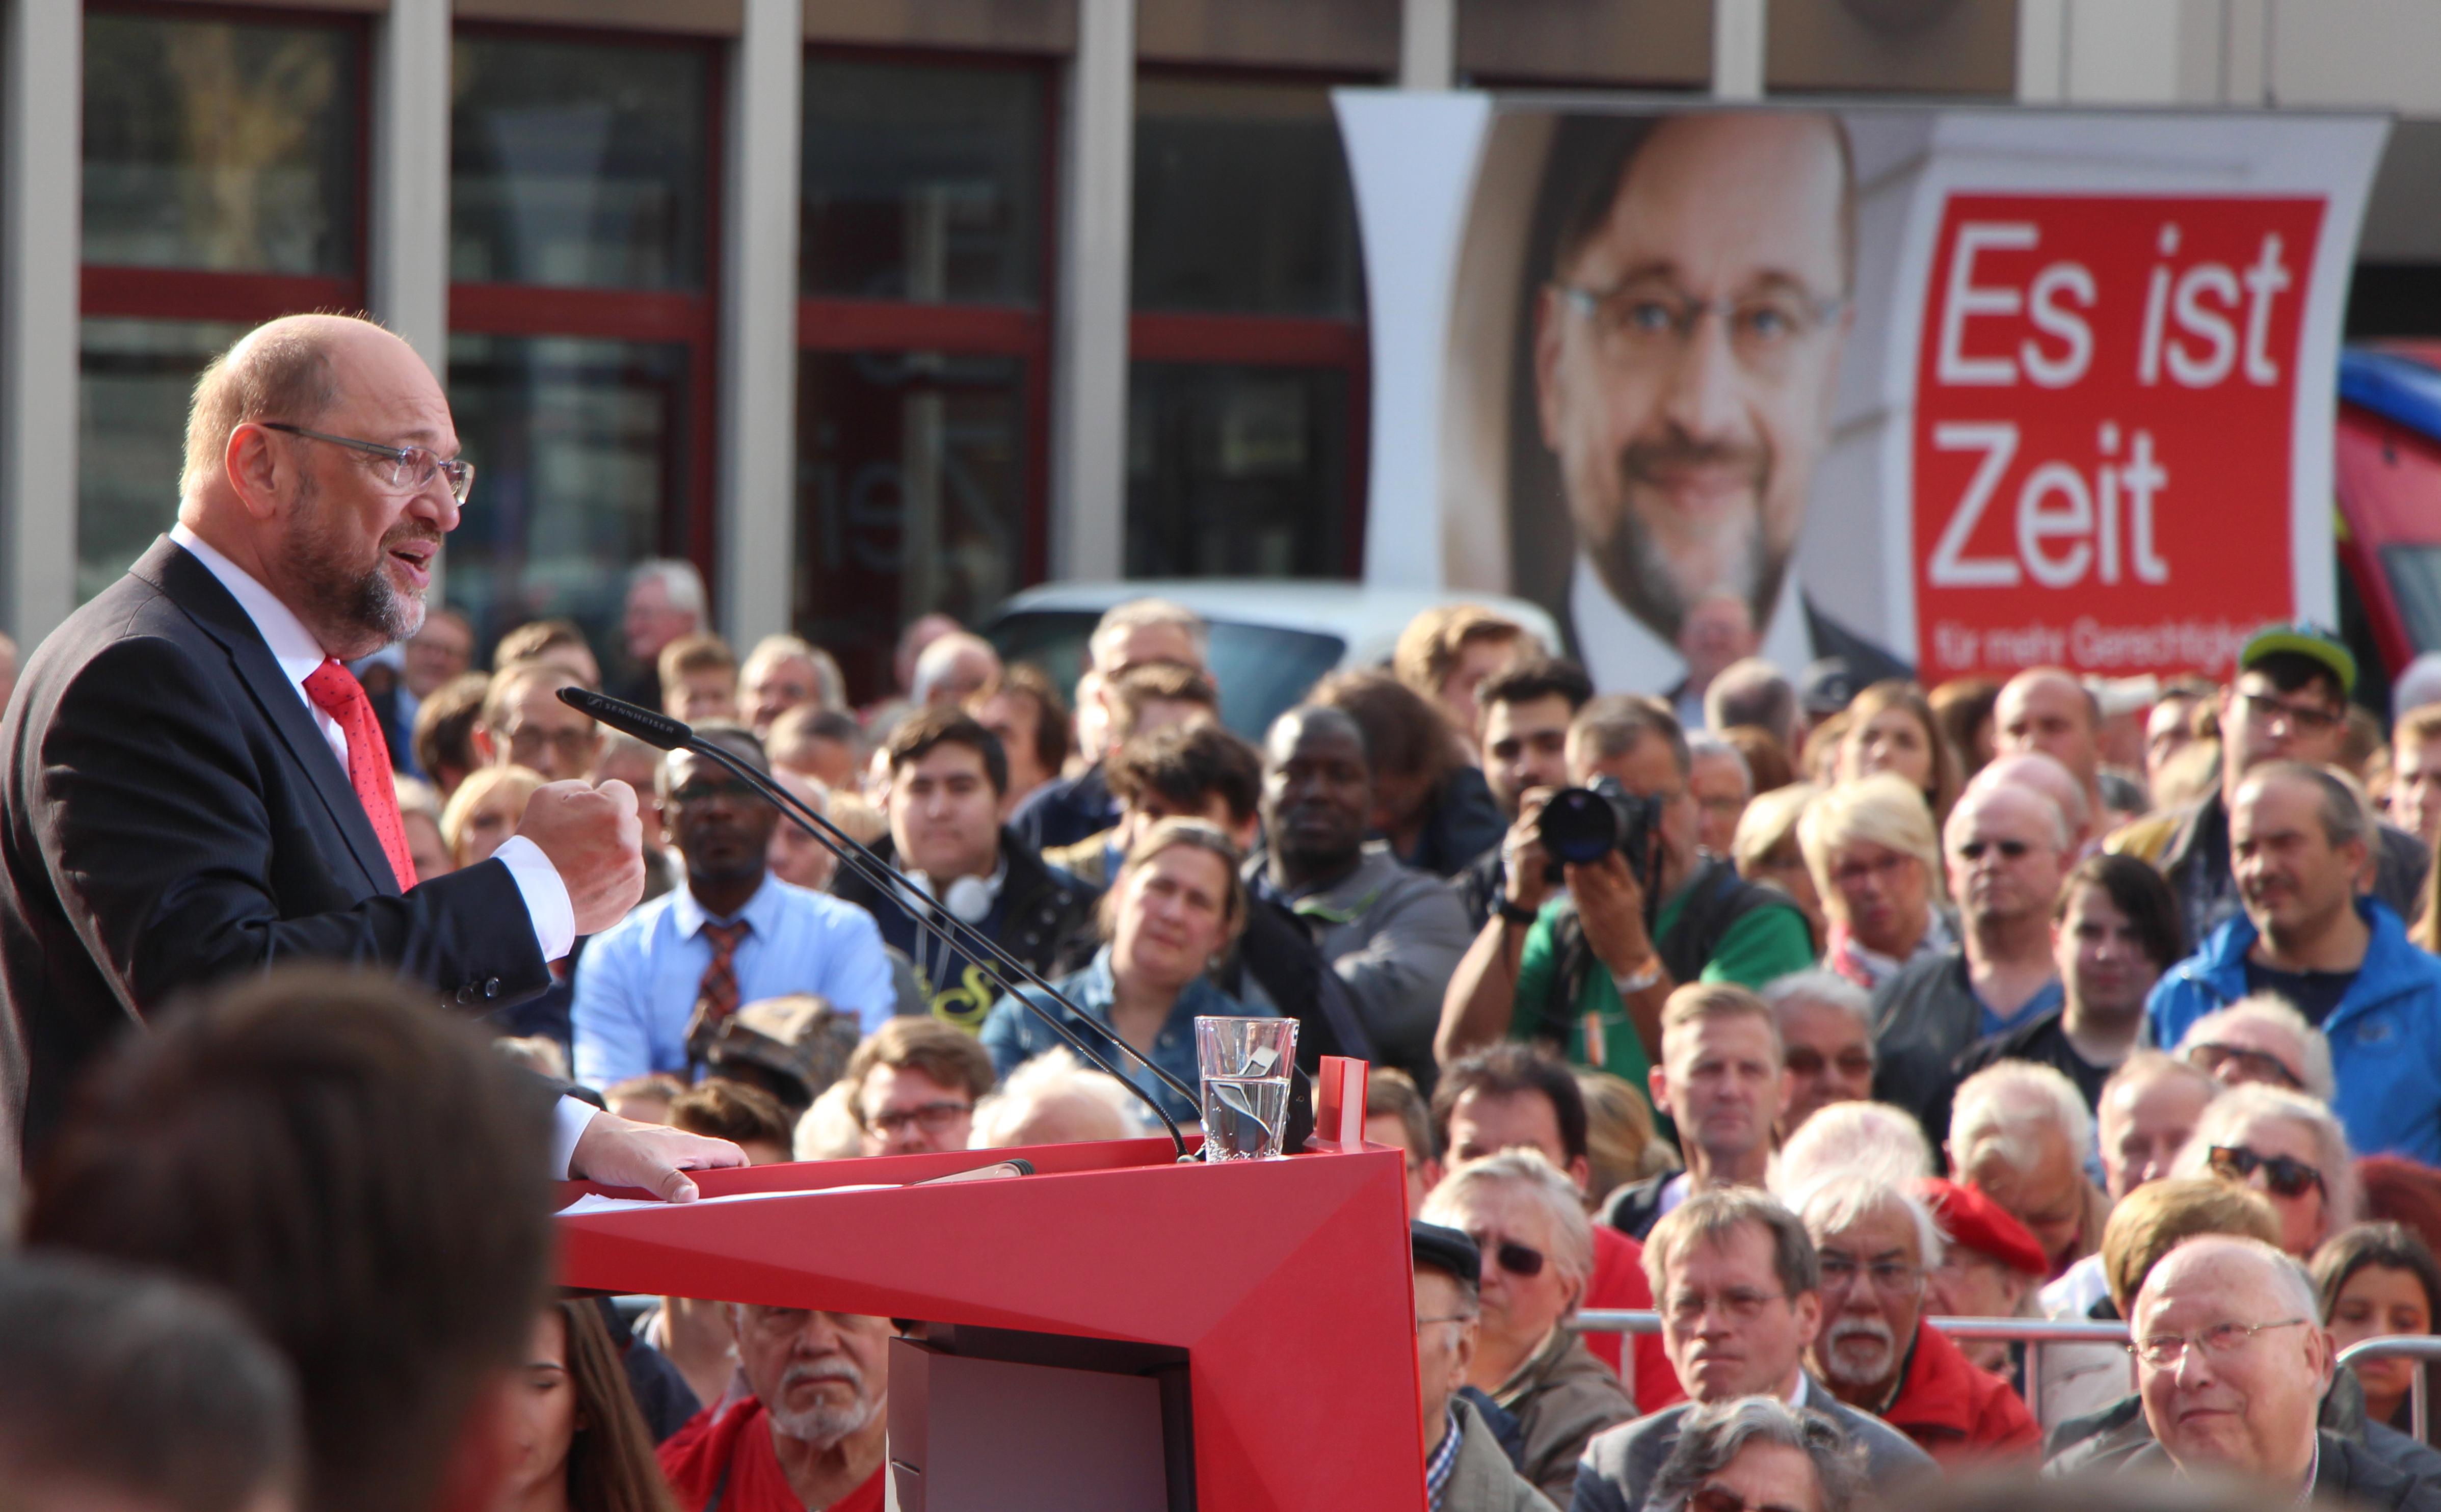 Martin Schulz –